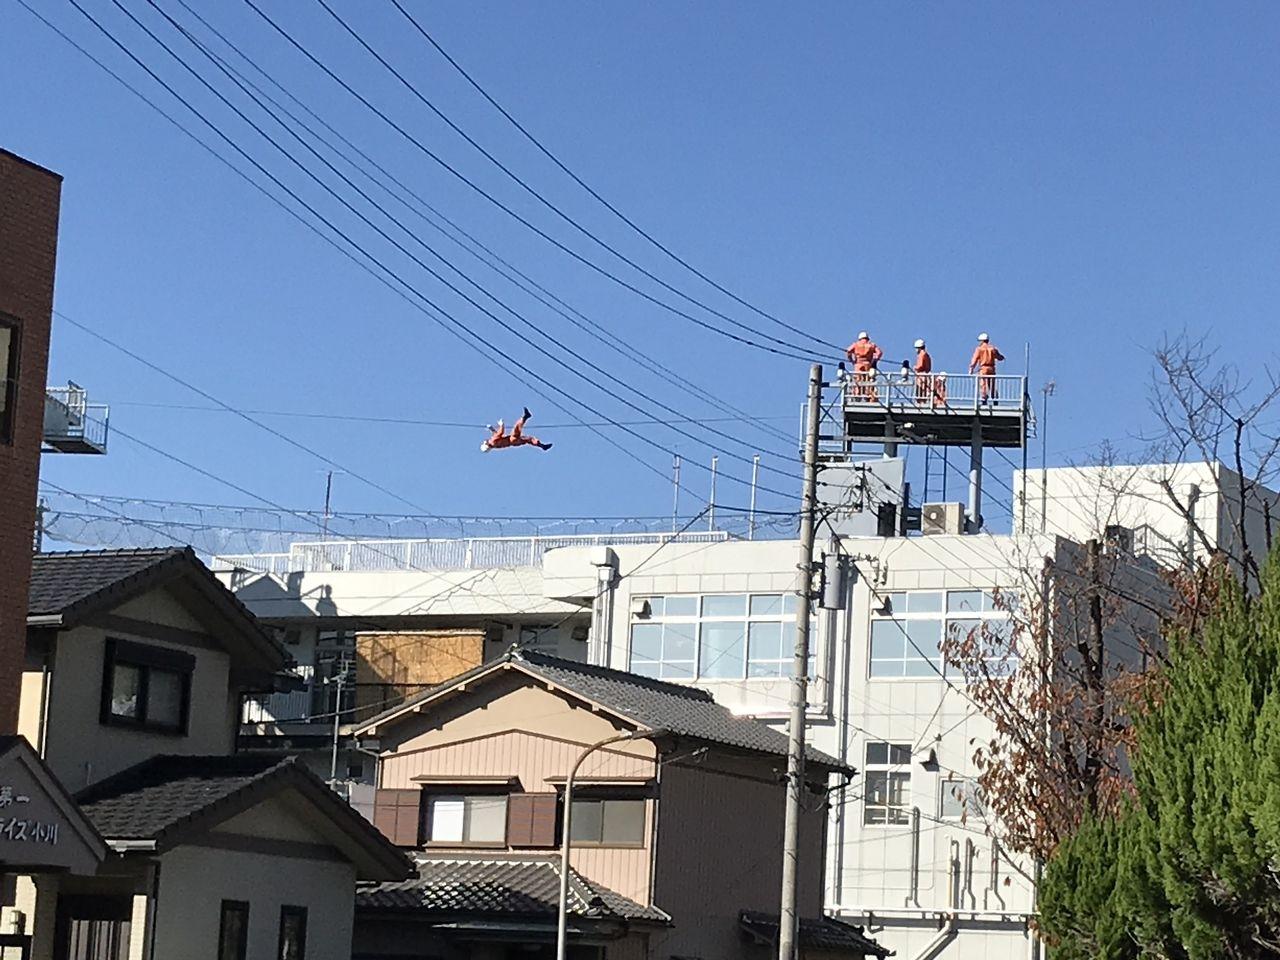 行徳の消防署の屋上で訓練する消防士2